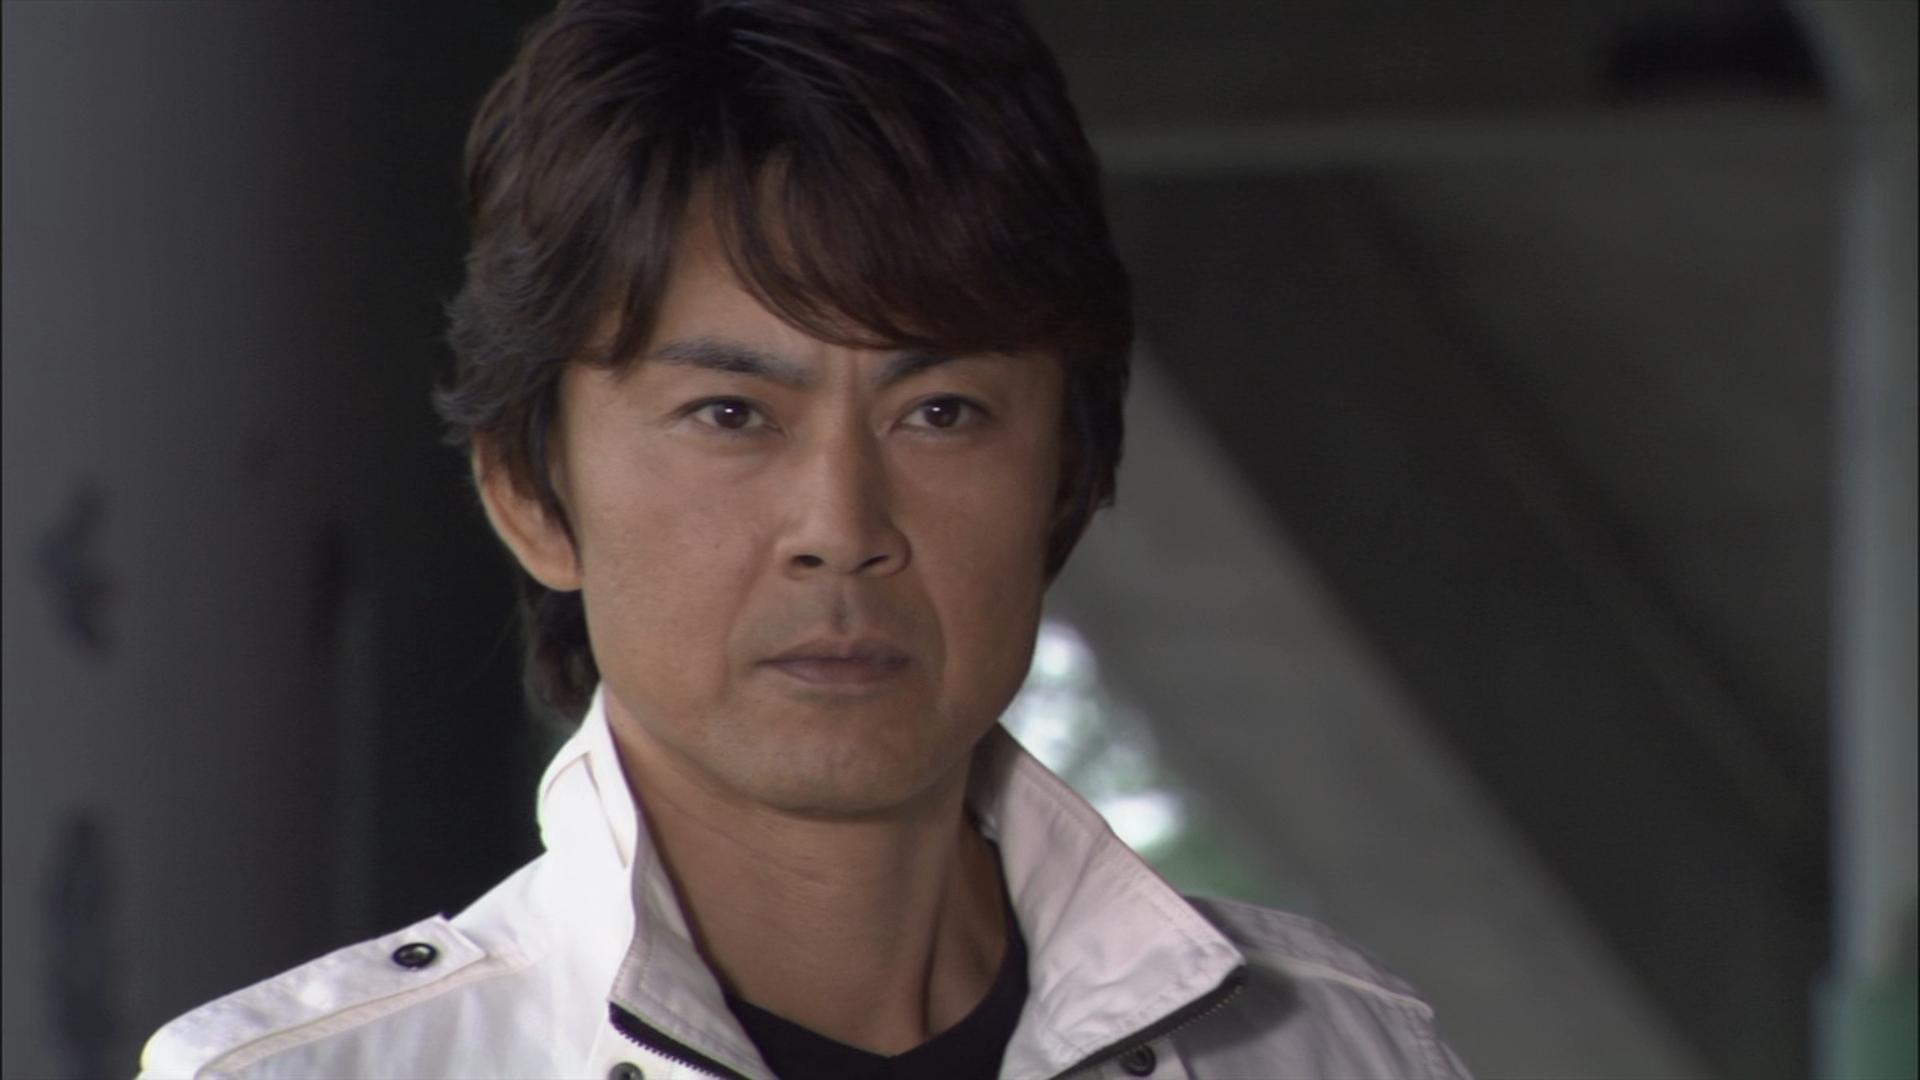 Kohtaro Minami (A.R. World)